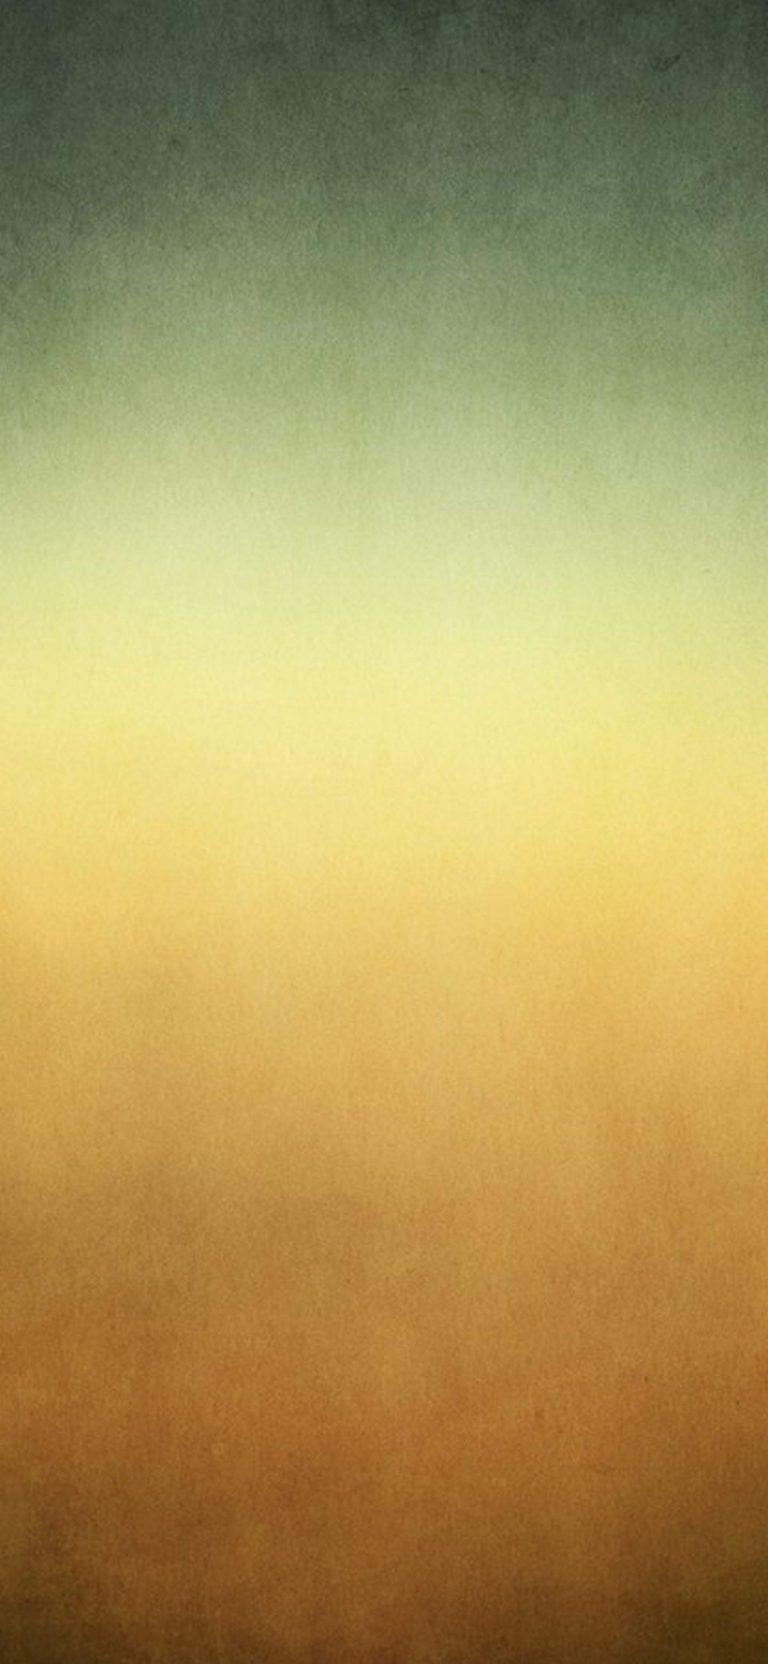 1440x3120 Wallpaper 088 768x1664